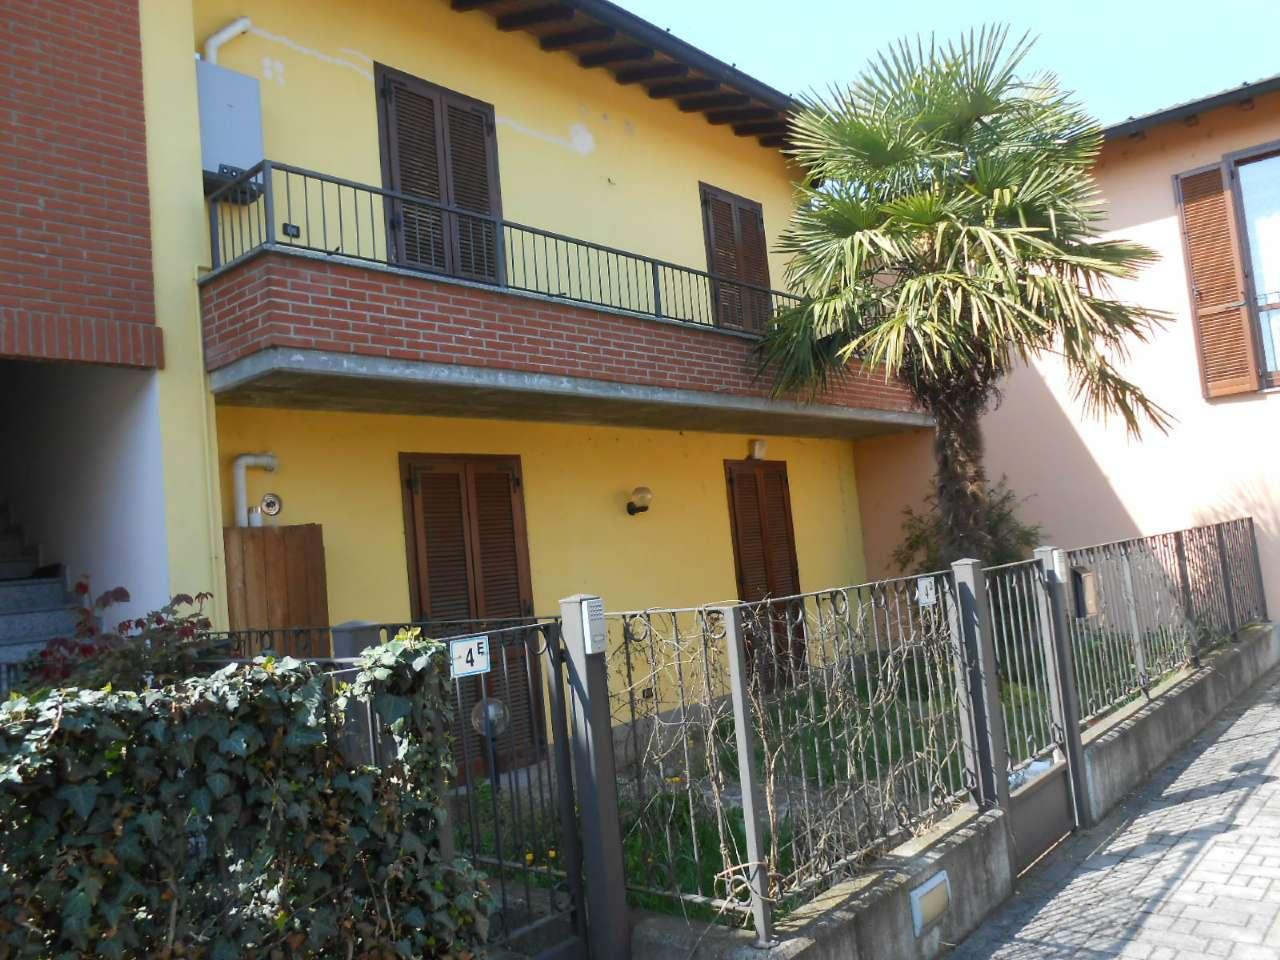 Appartamento in vendita a Cremosano, 3 locali, prezzo € 90.000 | PortaleAgenzieImmobiliari.it